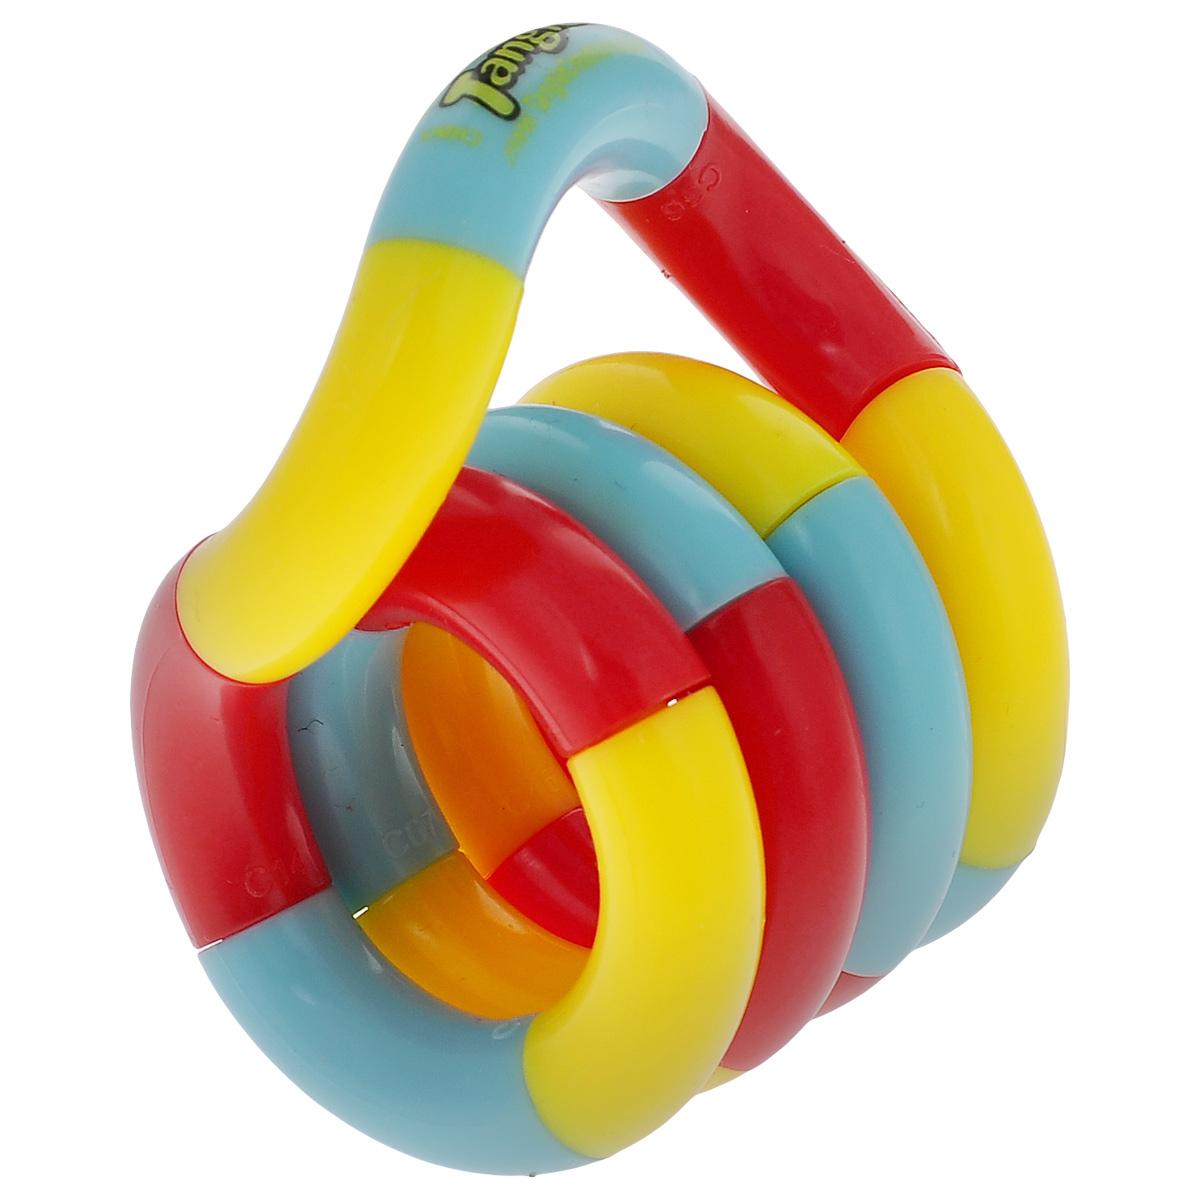 """Змейка """"Tangle. Классик"""", цвет: красный, желтый, голубой"""